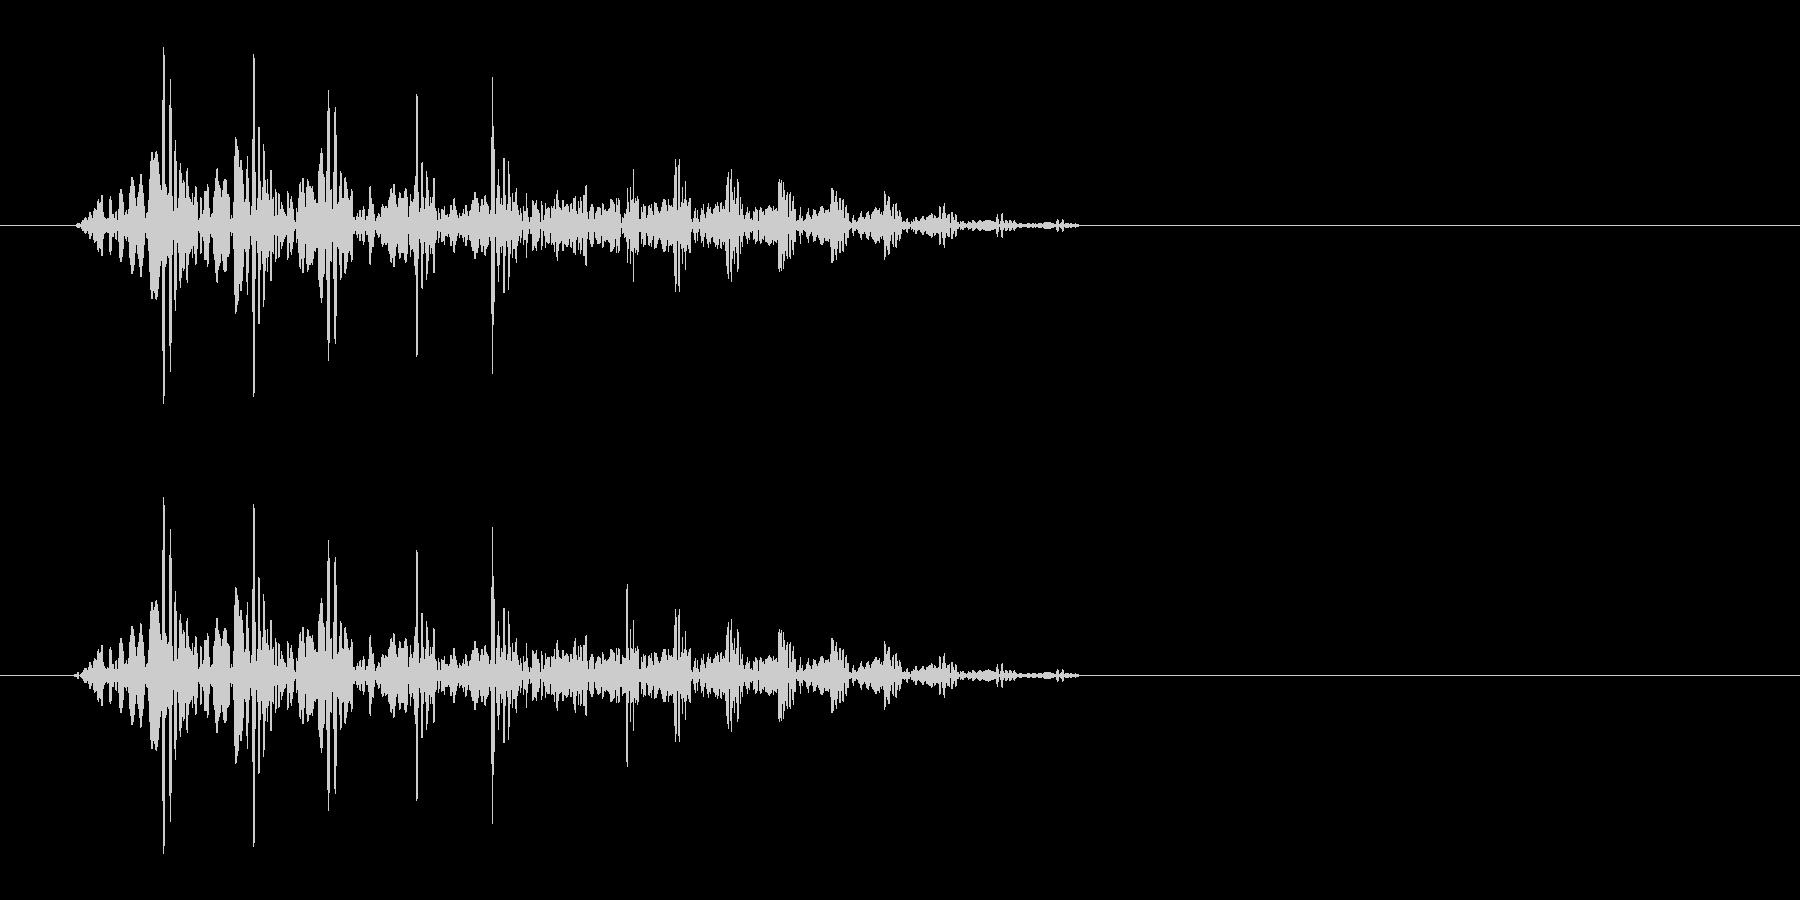 ぶたの鳴き声(ぶひっと鳴く)の未再生の波形